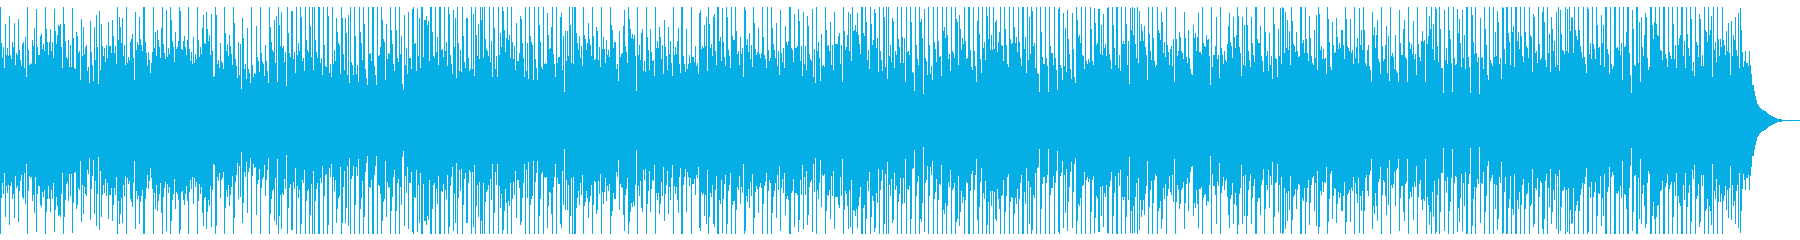 軽快なマンドリンフォークの再生済みの波形